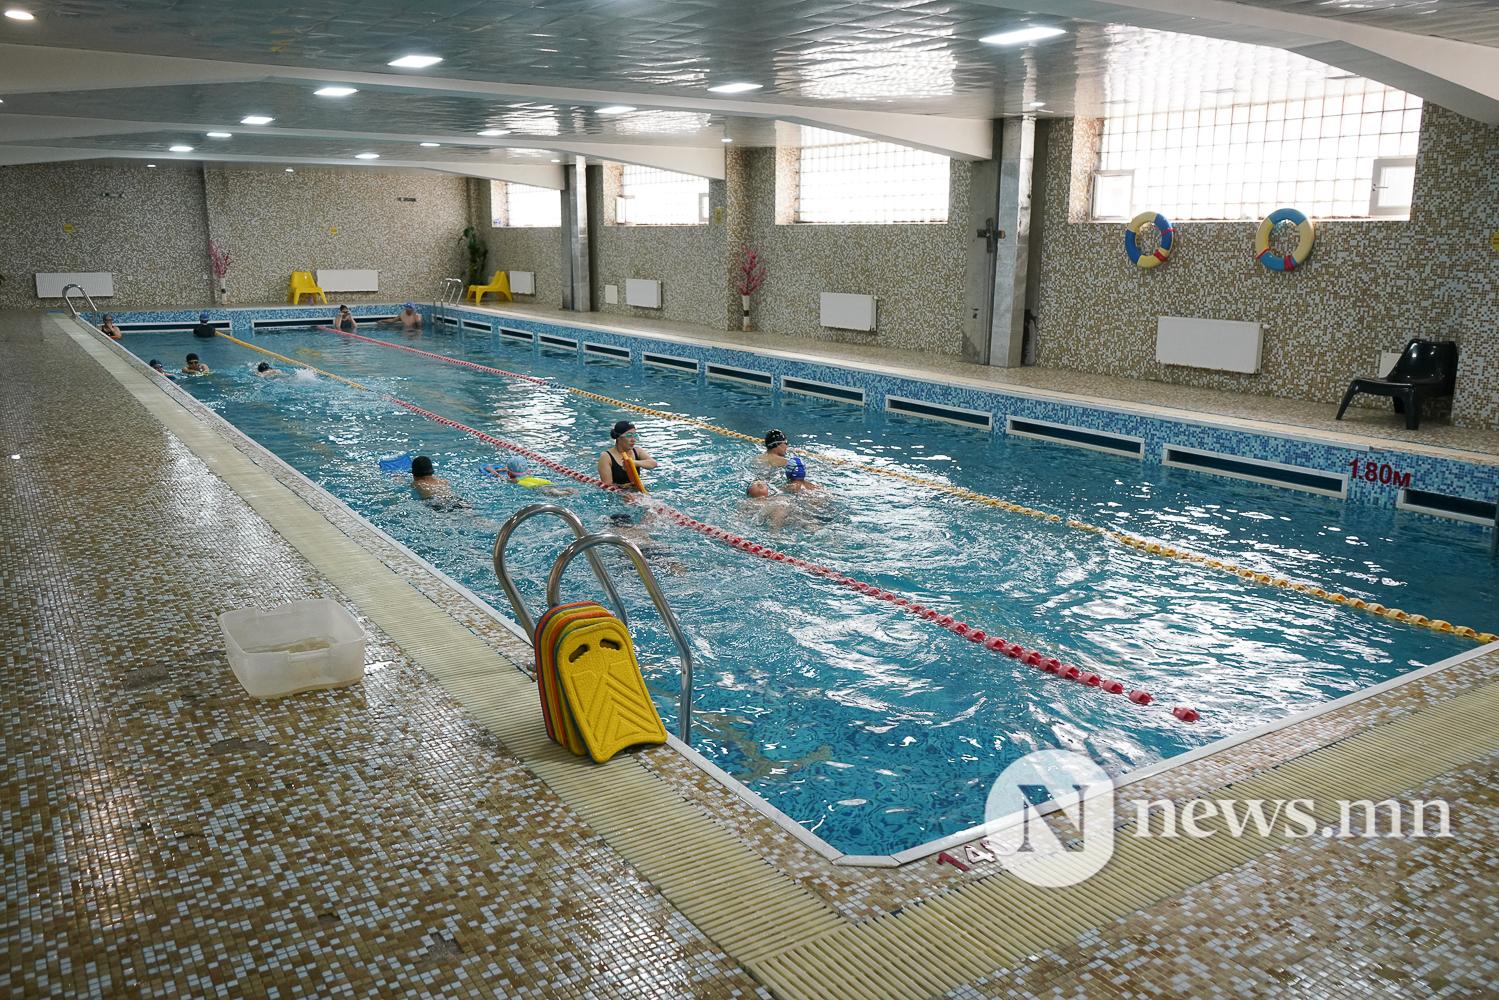 Усан спорт сургалтын төвүүд (1+ of 20)